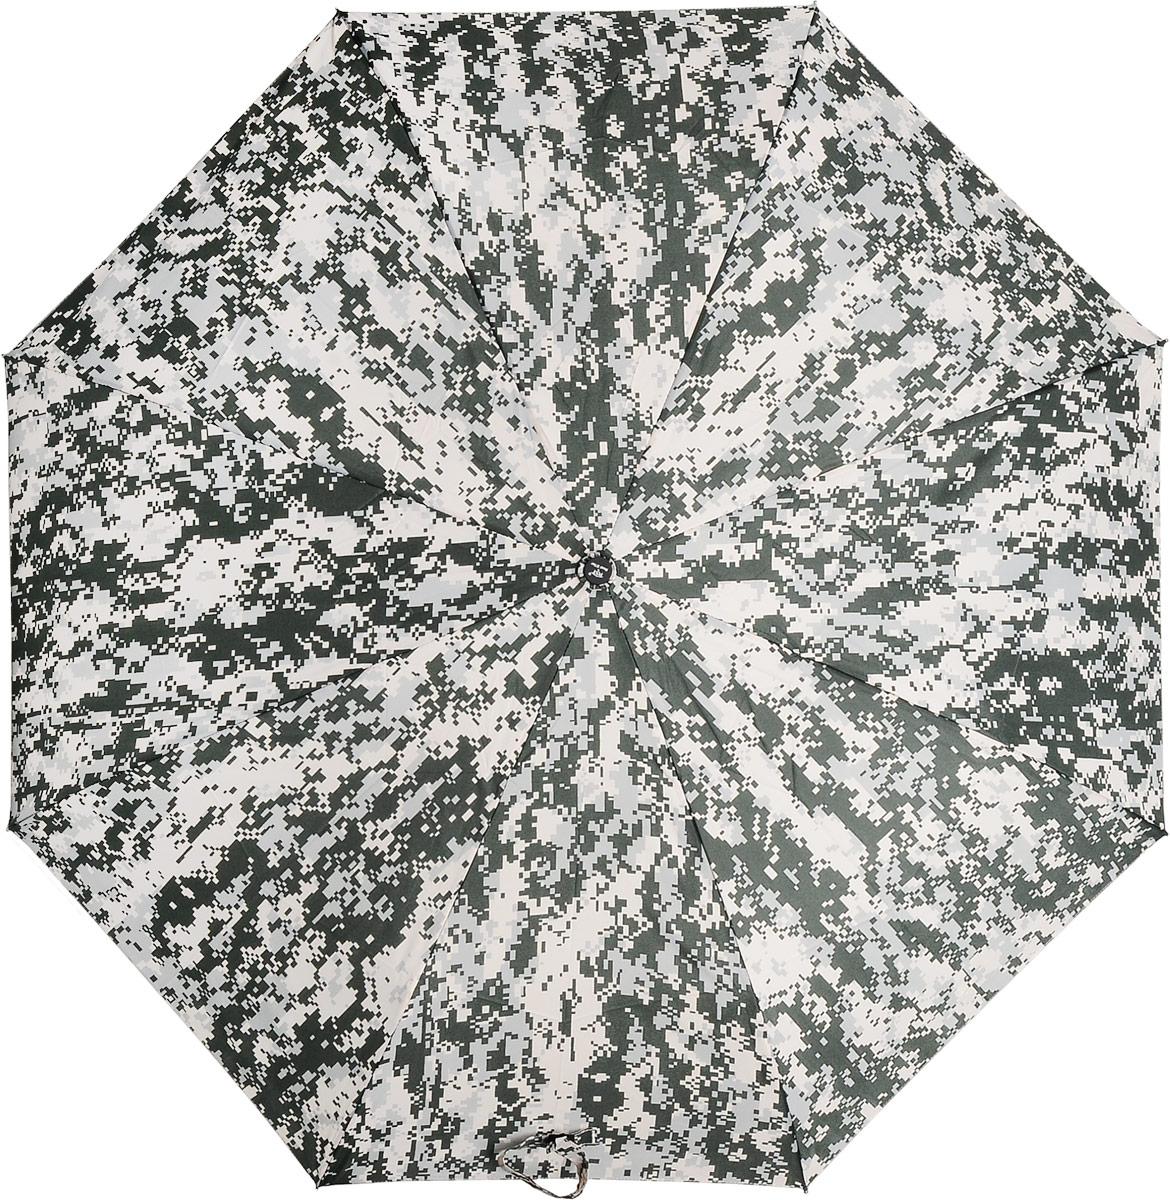 Зонт Эврика, цвет: зеленый, белый. 9784197841Автоматический зонт двойного сложения с куполом из ткани защитной расцветки – настоящий подарок для мужчин! Крепкие широкие спицы с системой анти-ветер, прочный металлический стержень, ручка из пластика, препятствующего скольжению, растягивающаяся наручная петля, удобные кнопки складывания и раскладывания, стильный чехол из той же ткани с сеточкой и карабином для крепления зонта – все эти детали подтверждают высокое качество изделия. Размер в сложенном состоянии: 30 х 6 см. Размер купола: 105 см. Длина штока в разложенном виде: 60 см.